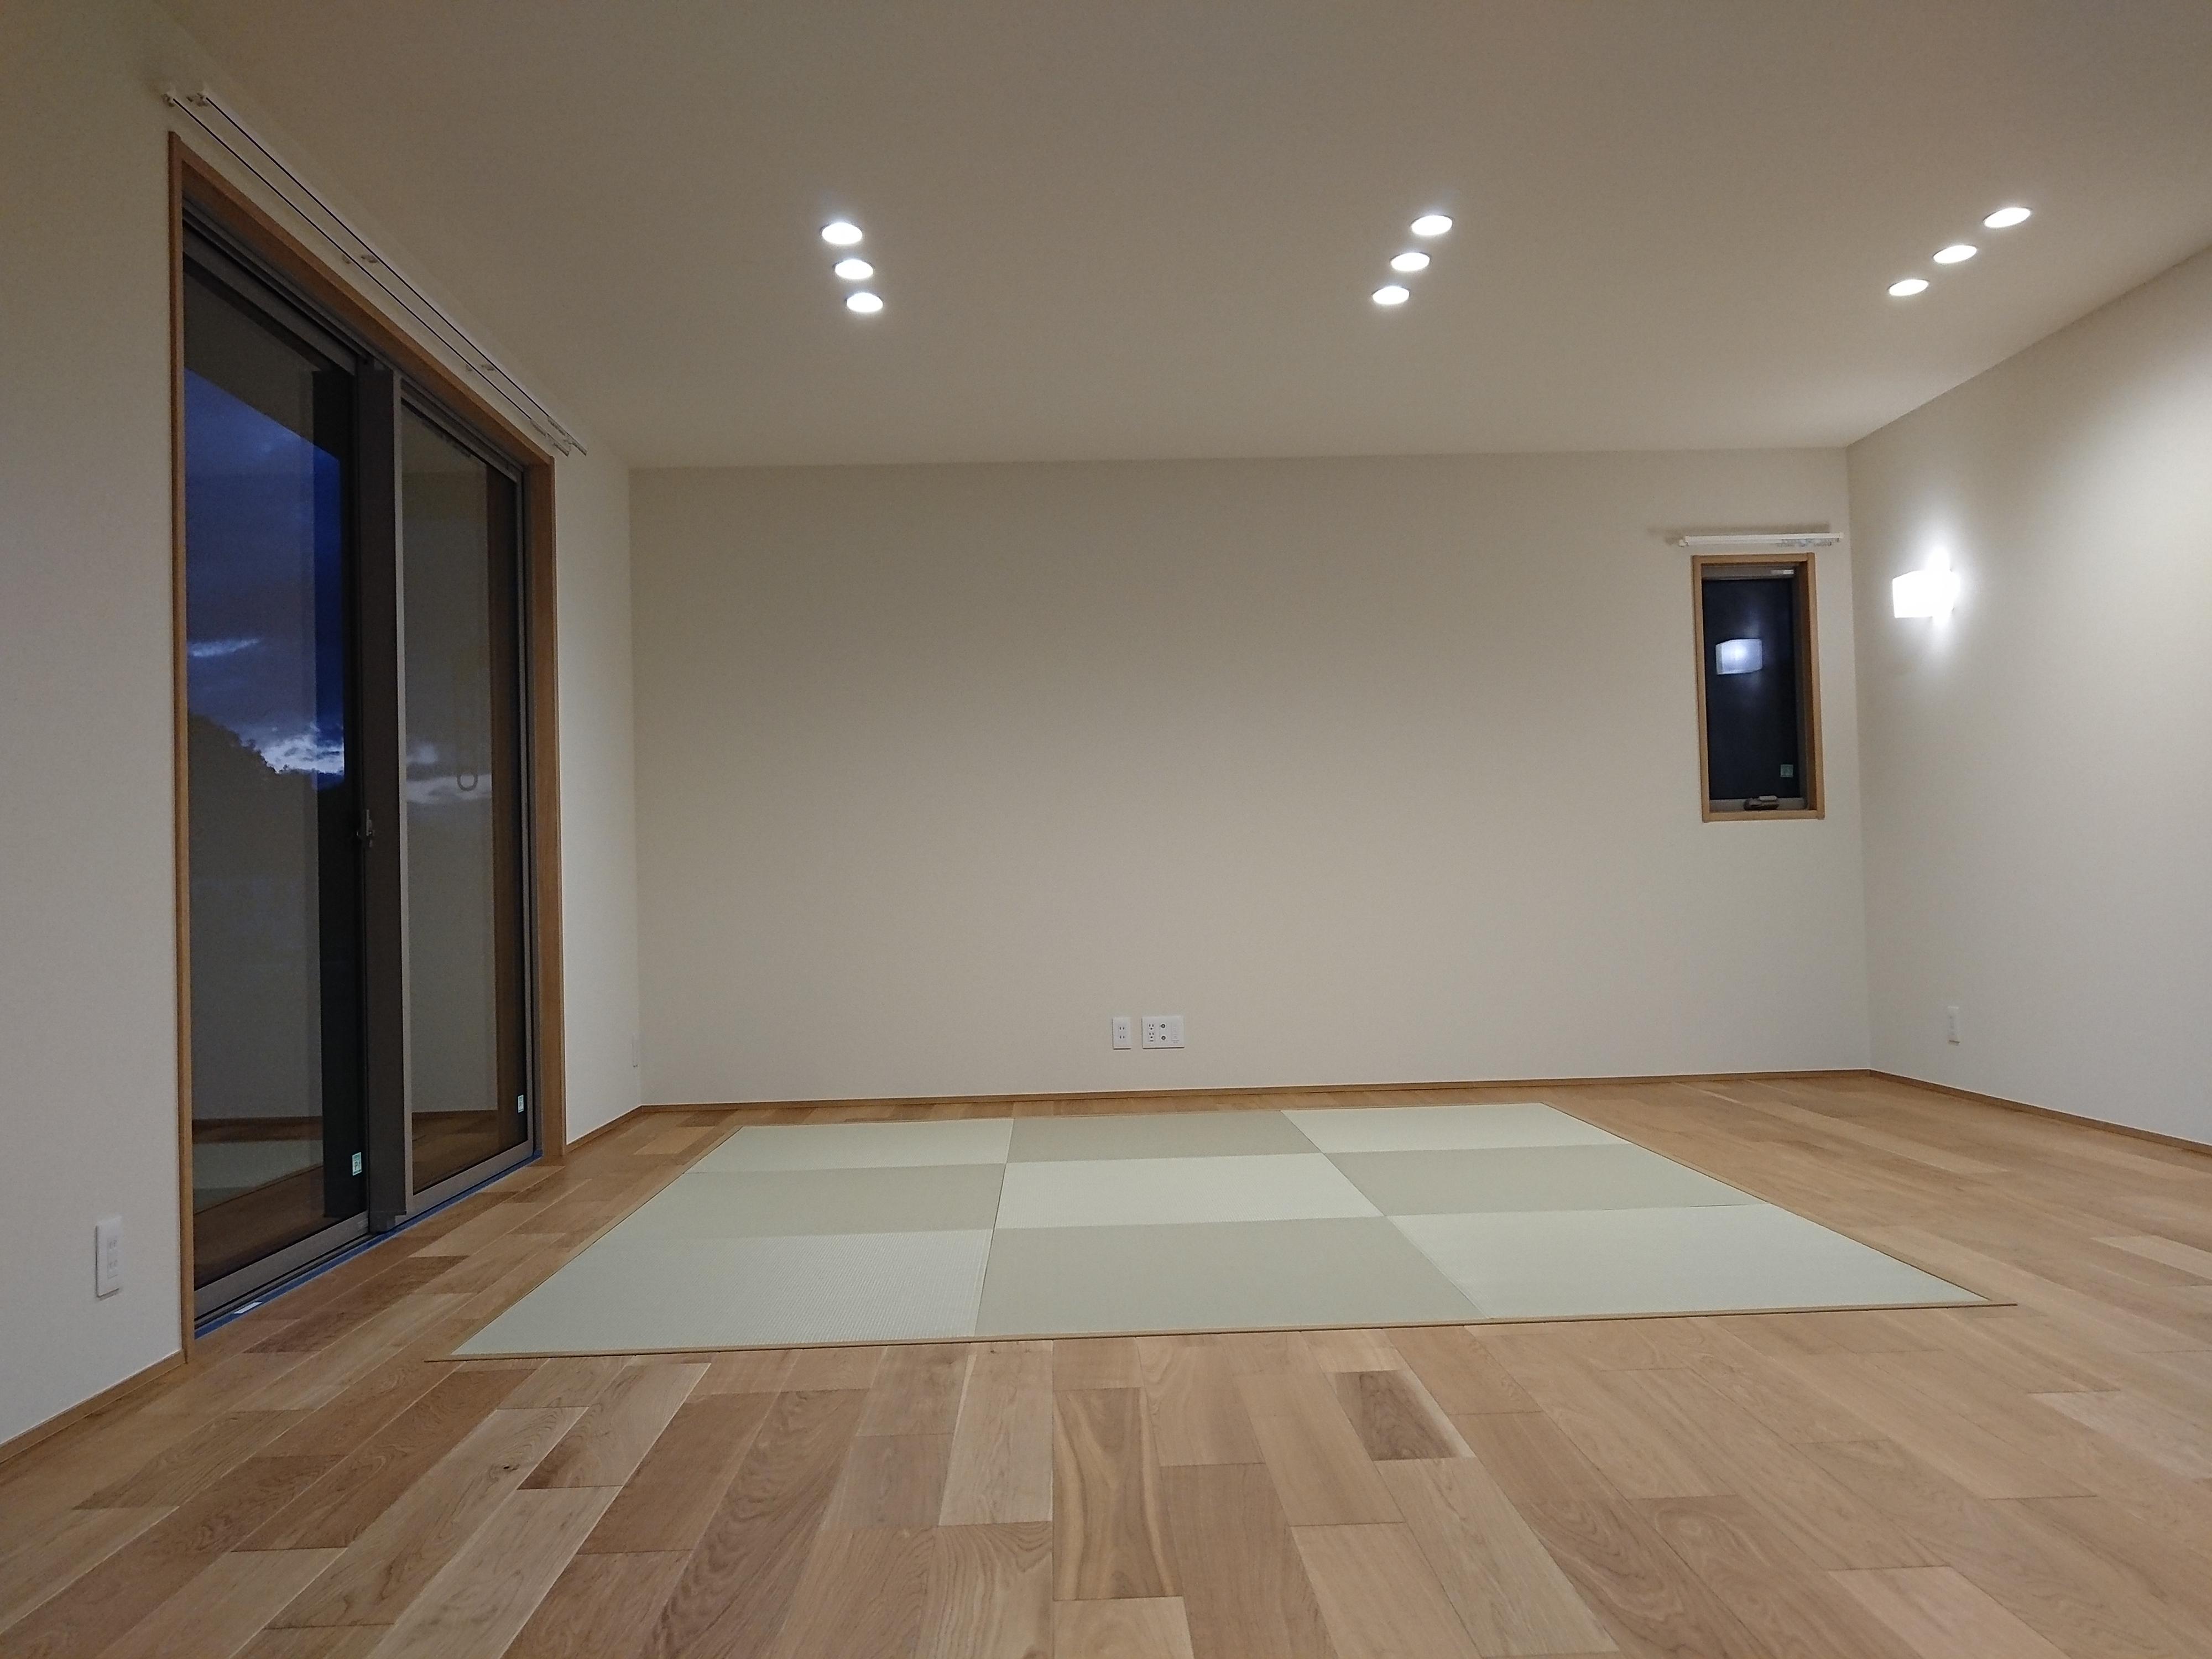 新築です、リビング側畳コーナーで薄畳縁ナシ、美草表リーフグリーン使用。床暖房使用です。